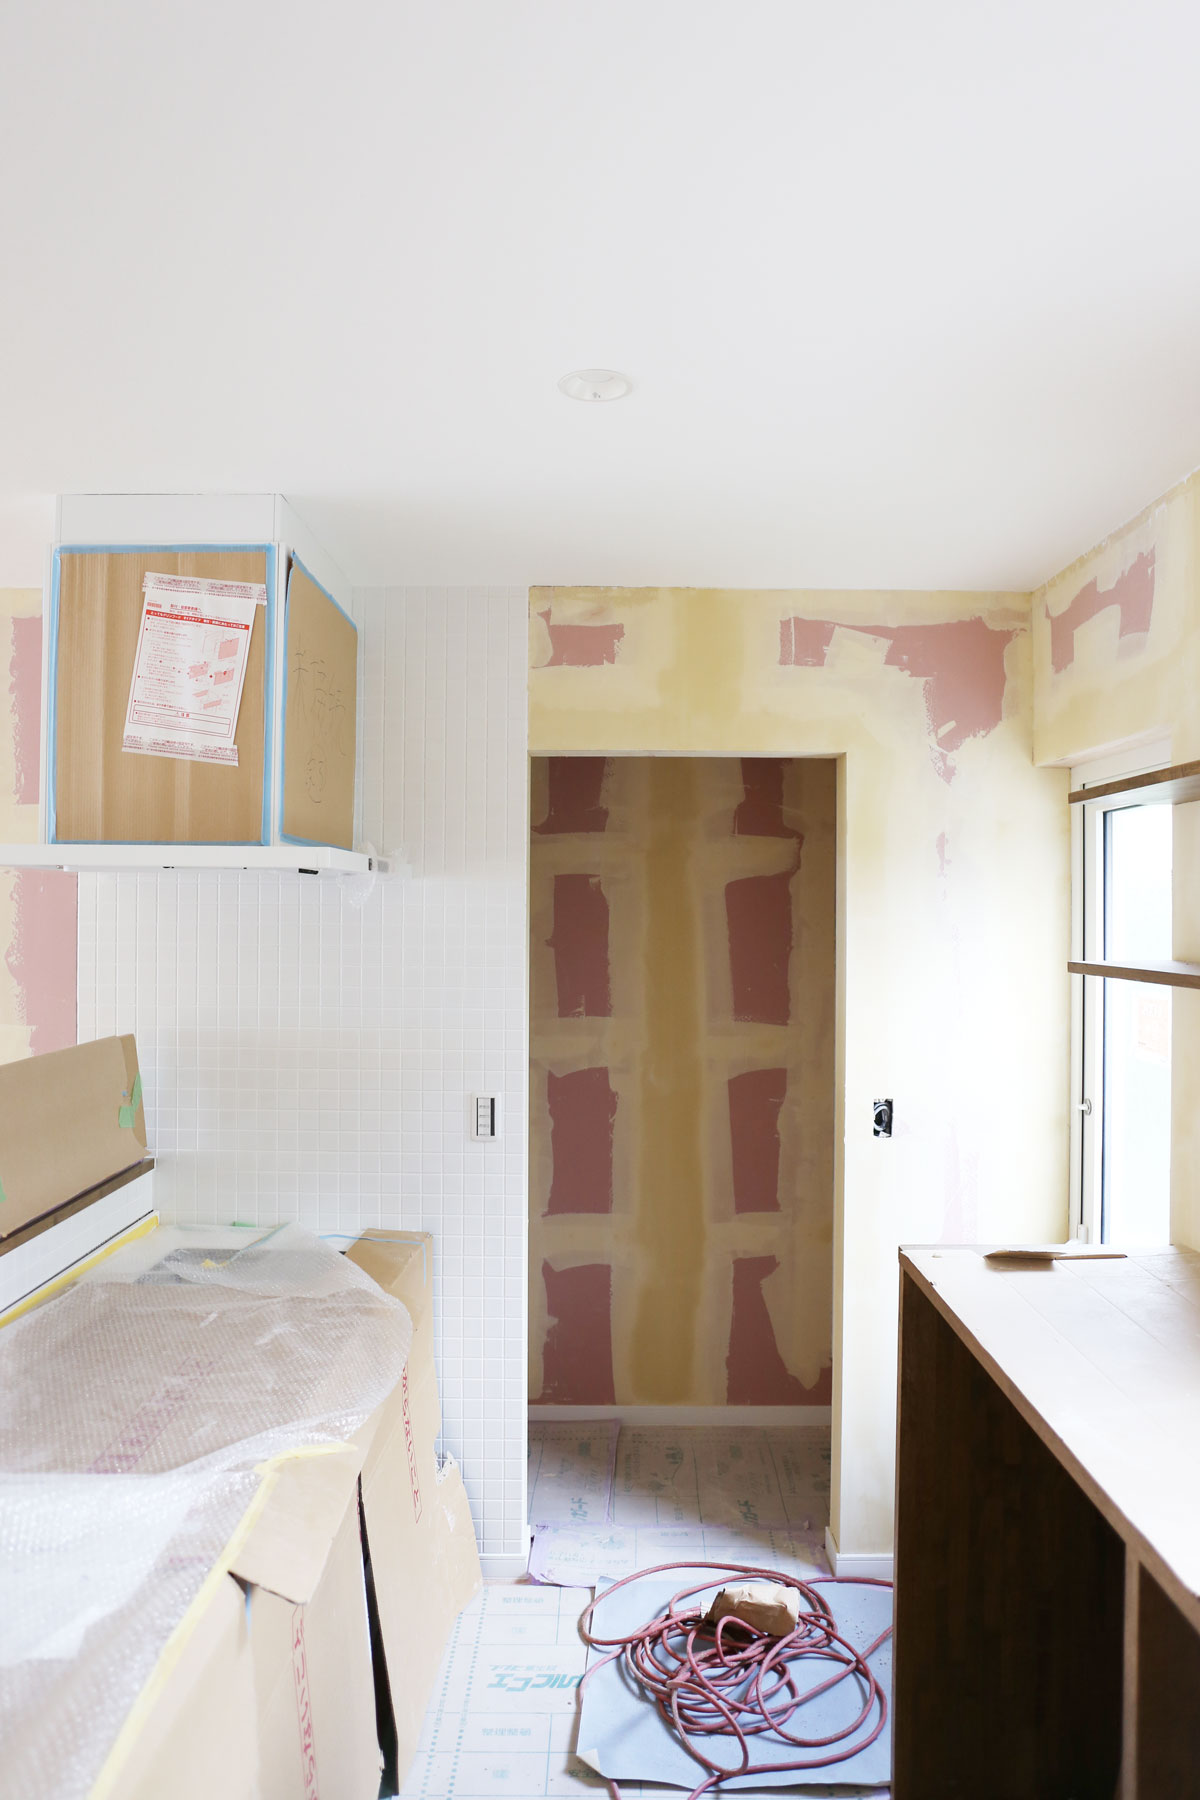 キッチン。鶴岡で建築中の二世帯住宅の完成が近づいてきました!壁紙の仕上がりを左右する下地処理も丁寧に施されています。【酒田鶴岡で新築、デザイン住宅、リノベーションの工務店 ナチュラル工房伊藤住宅】